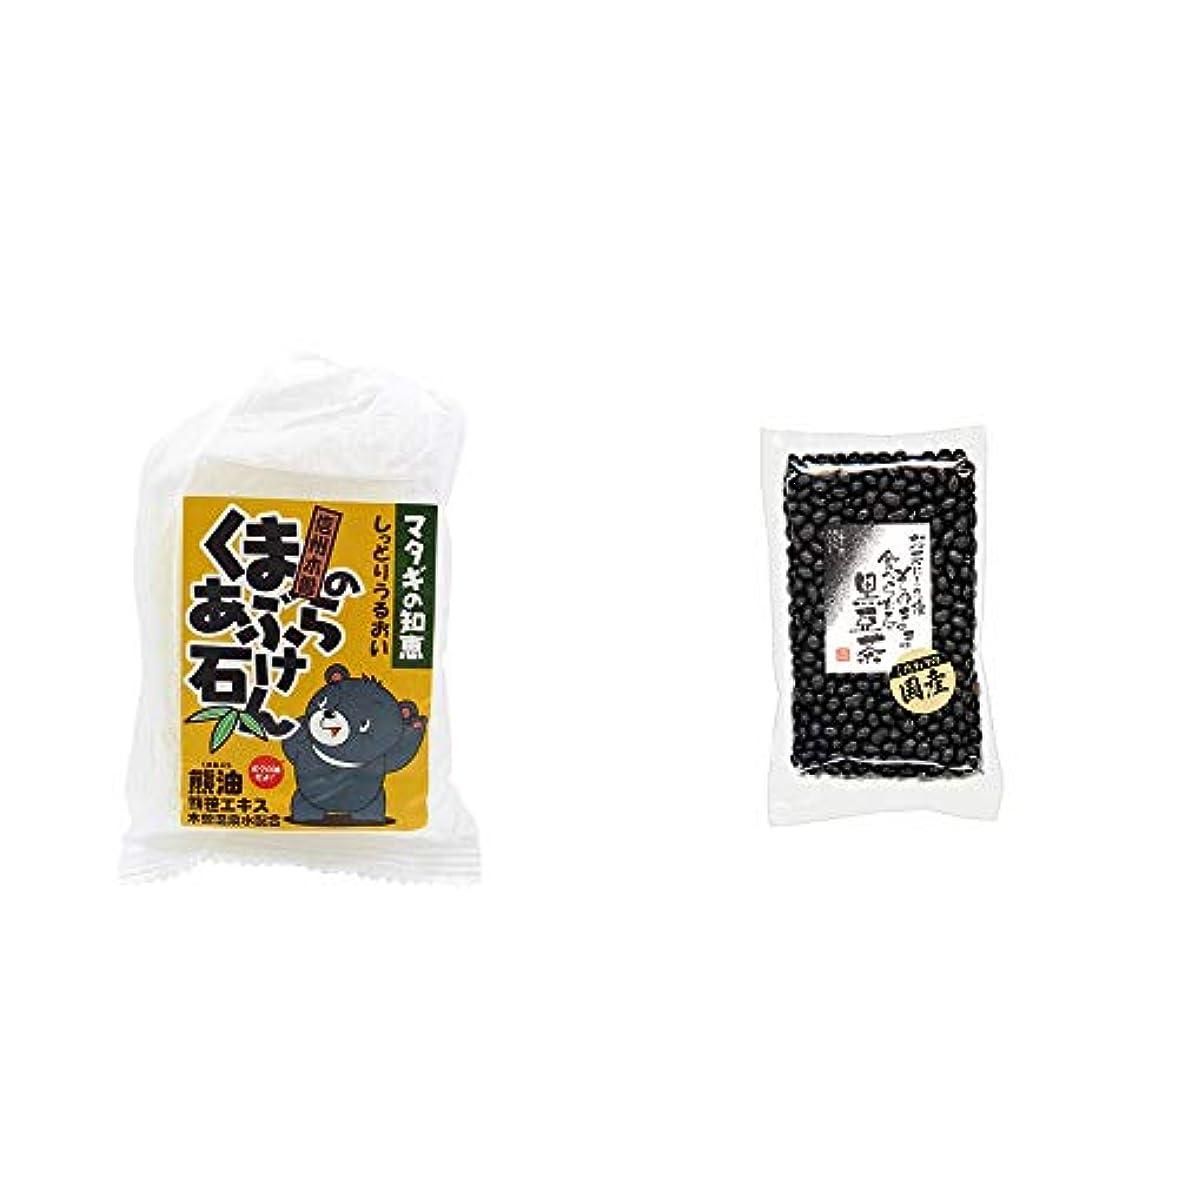 ネクタイ機関飛行機[2点セット] 信州木曽 くまのあぶら石けん(80g)?国産 黒豆茶(200g)